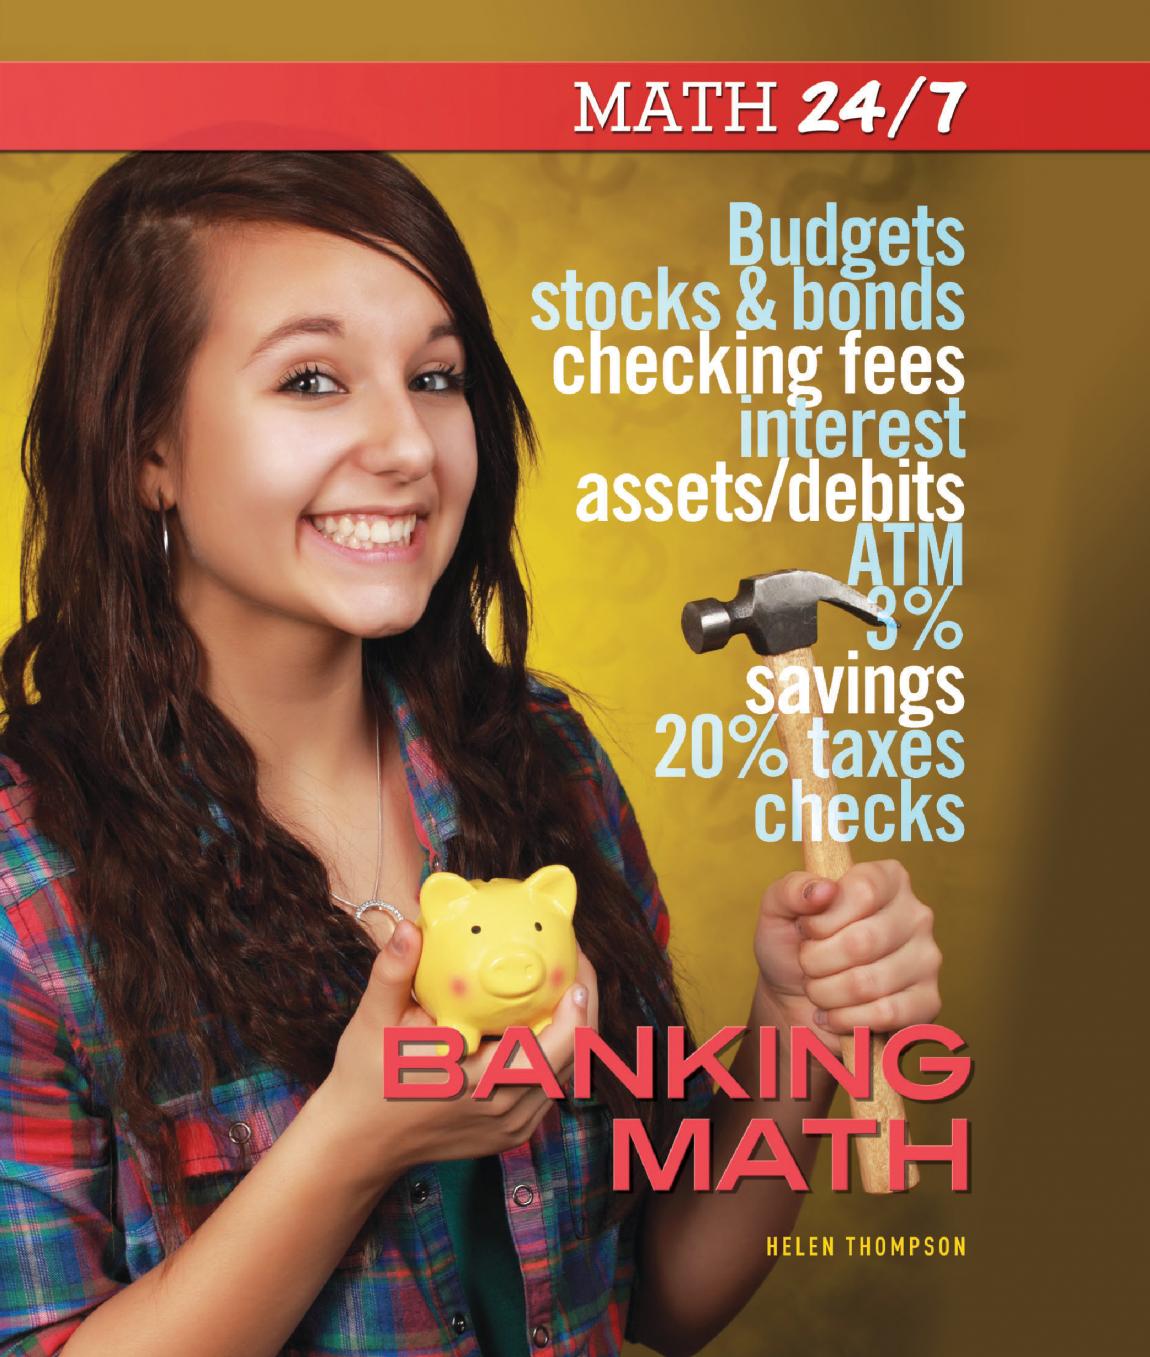 banking-math-01.png